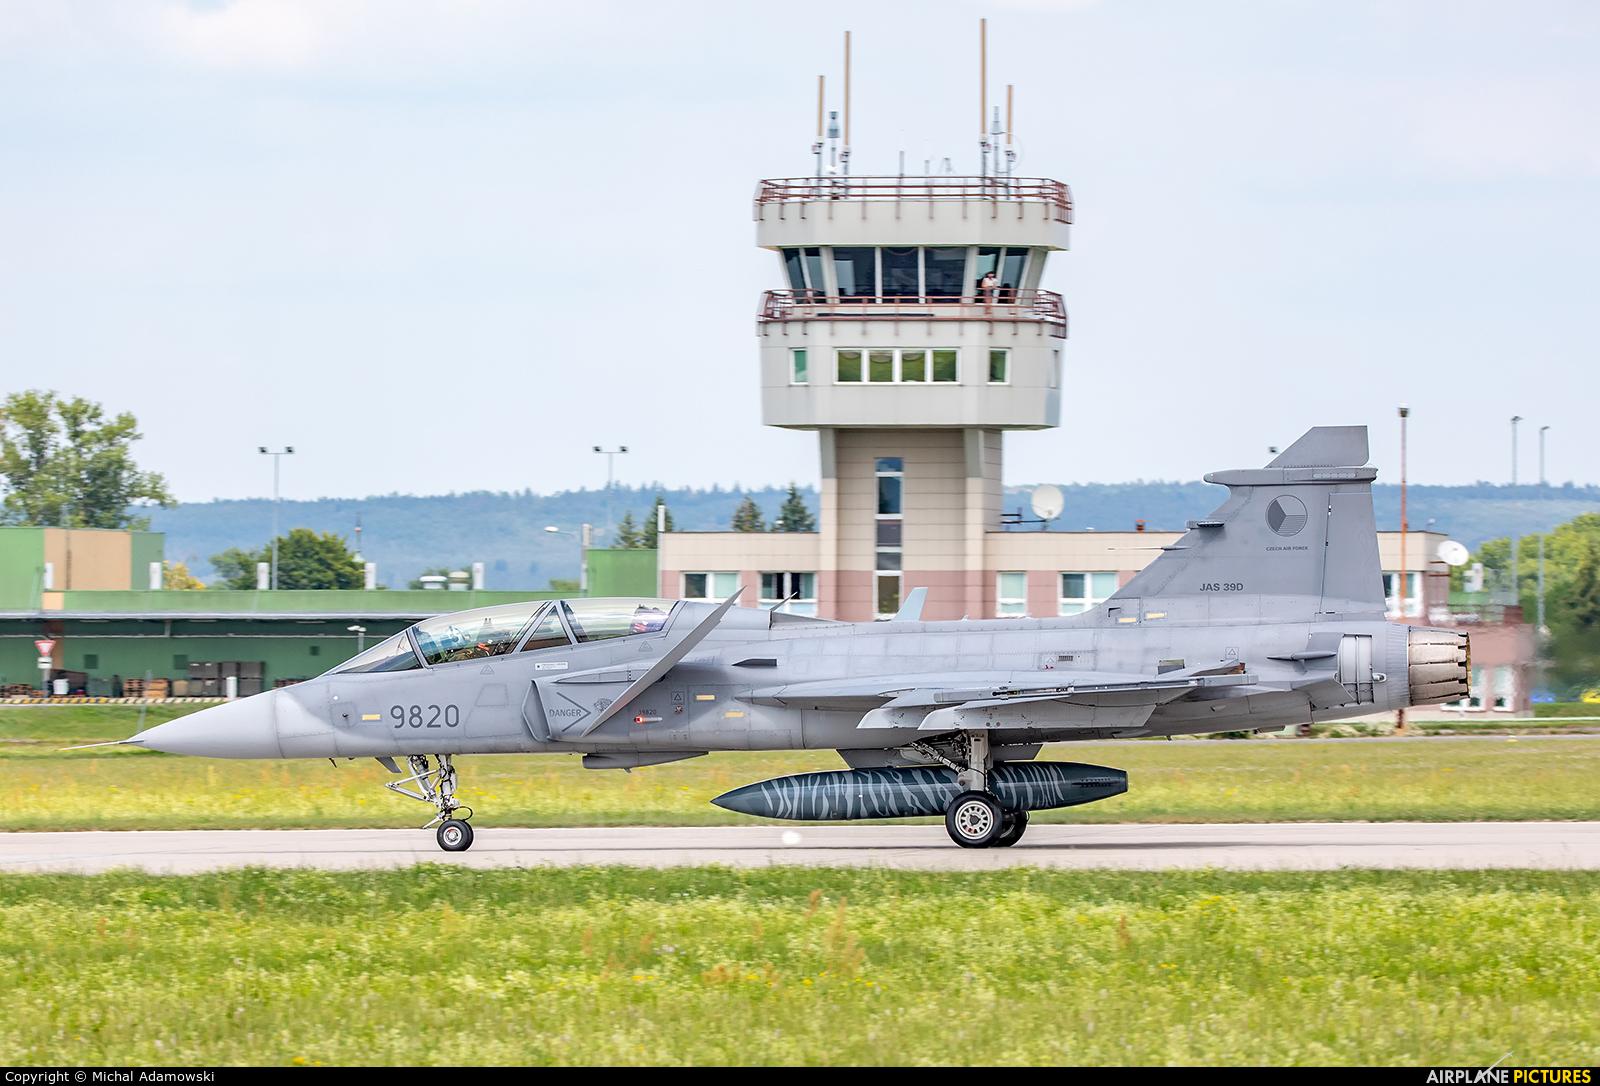 Czech - Air Force 9820 aircraft at Čáslav